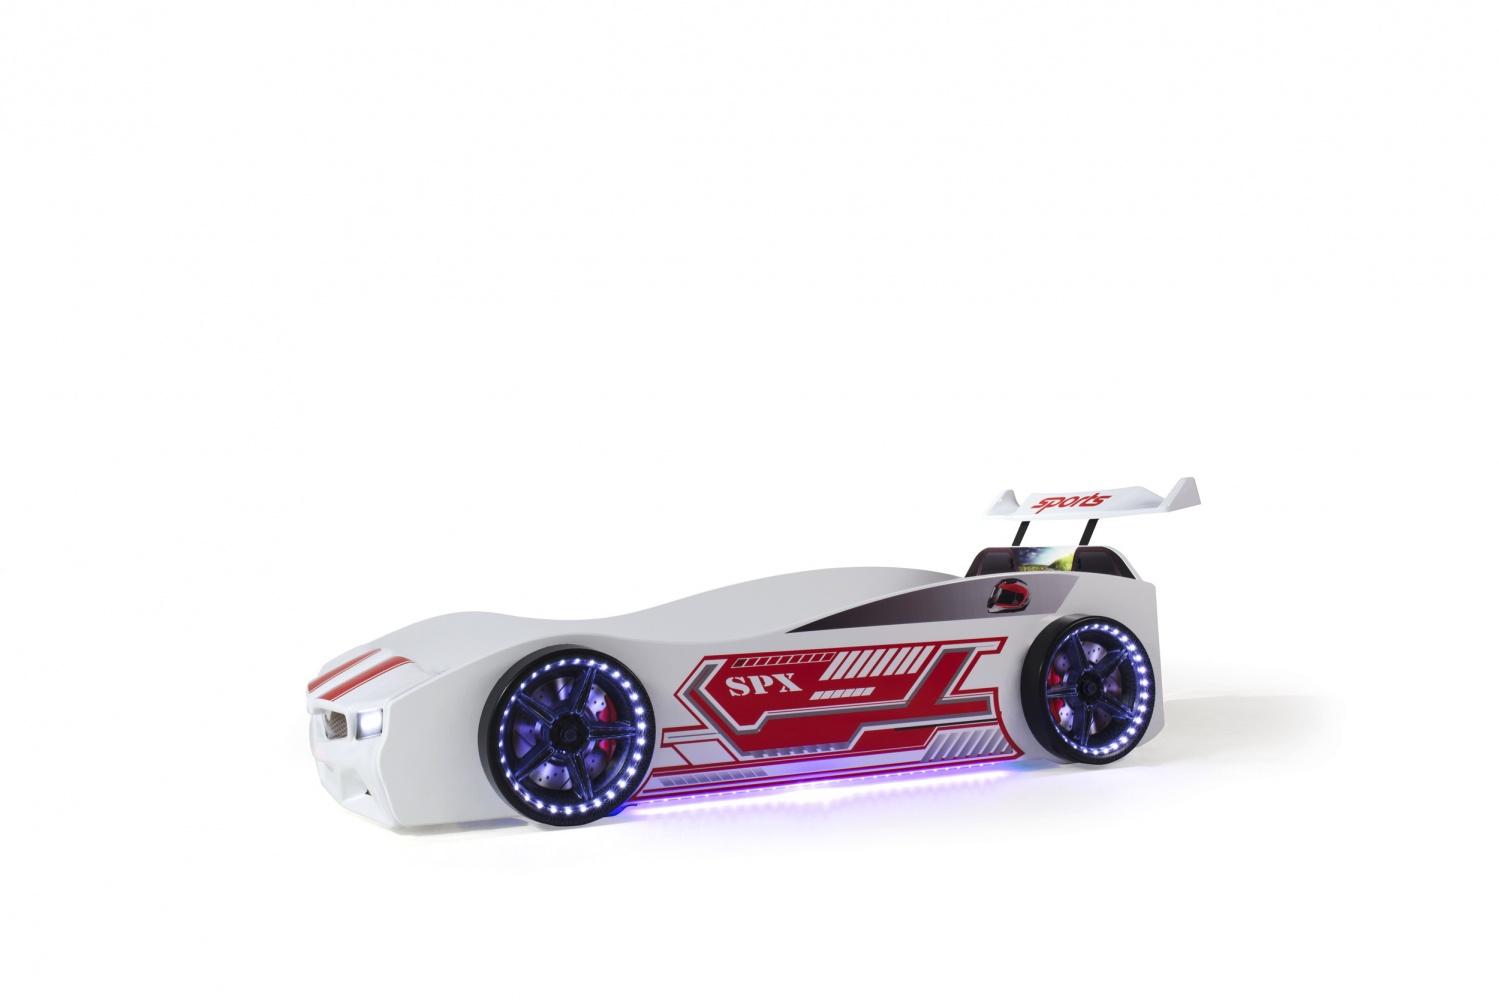 Autobett Jugendzimmer SPX FULL Turbo 4-teilig Weiß